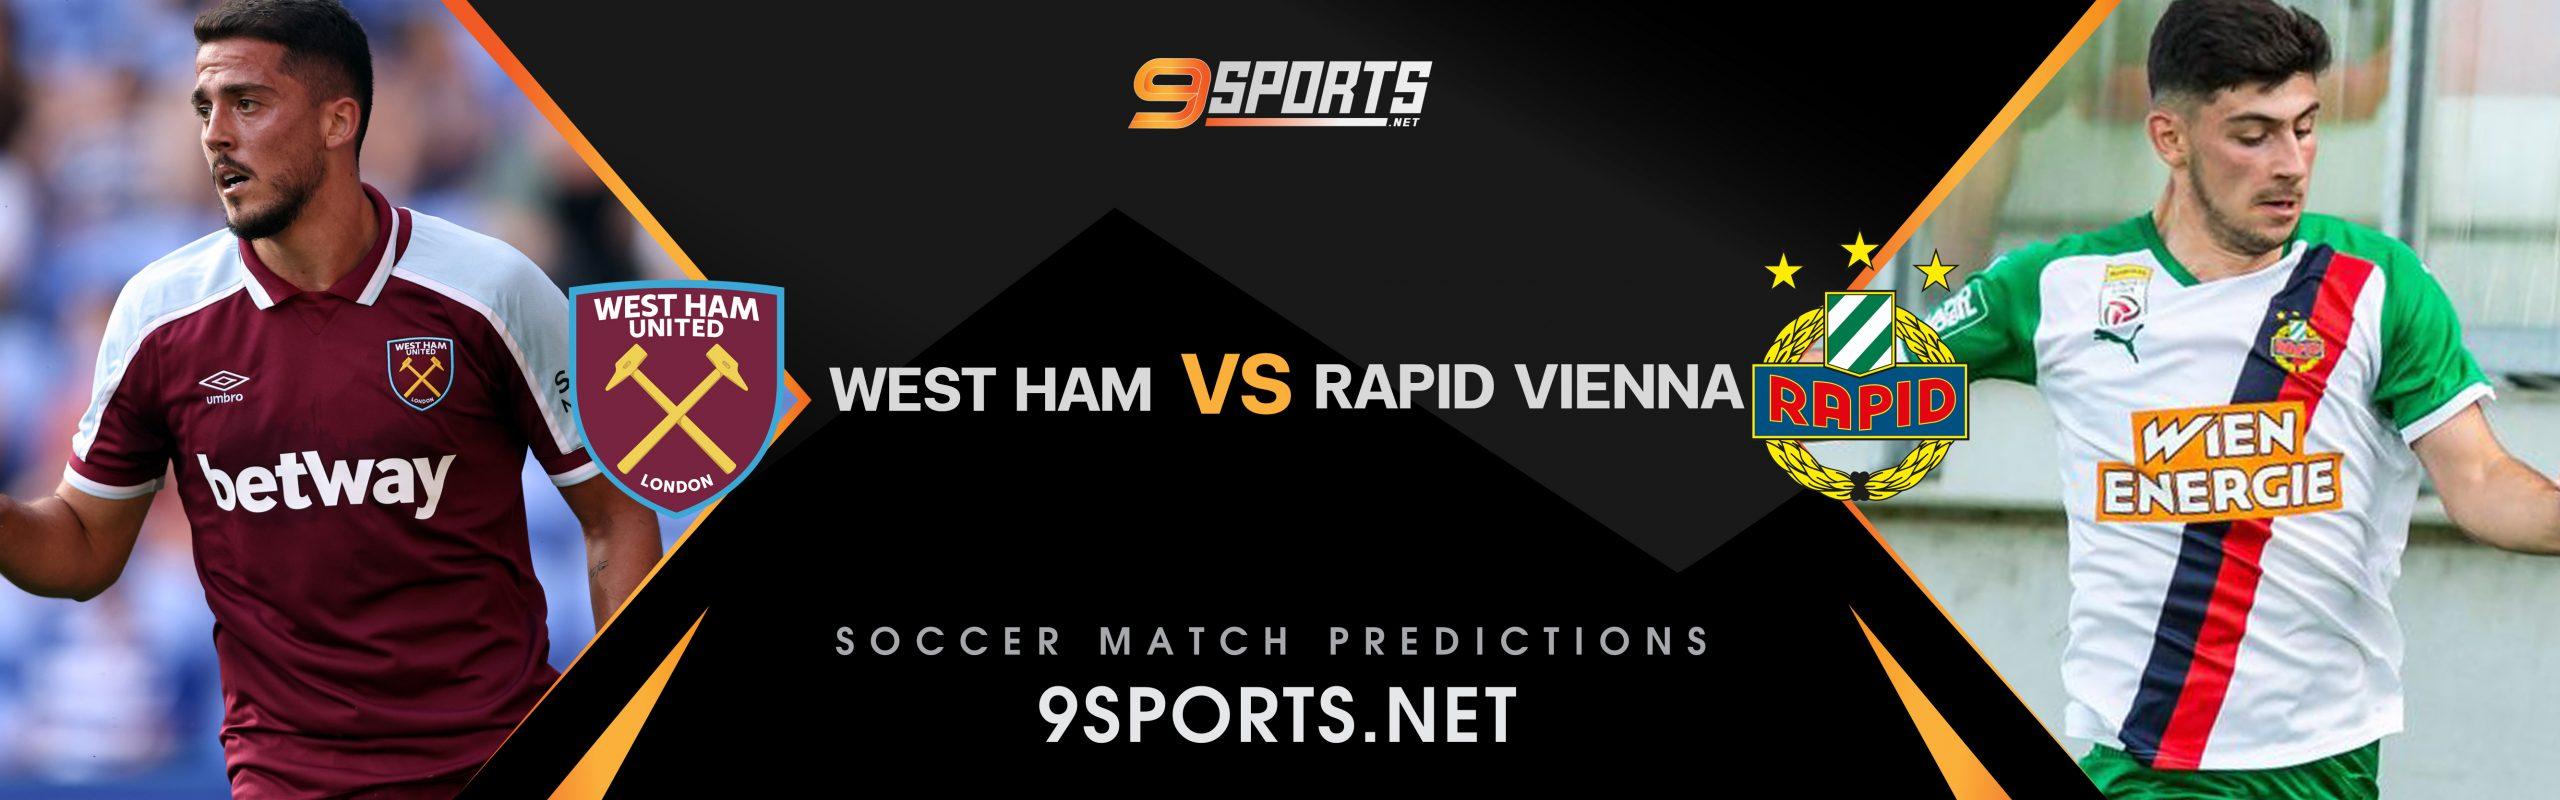 ทีเด็ดวิเคราะห์บอล 9Sports UEFA Europa League เวสต์แฮม ยูไนเต็ด VS ราปิด เวียนนา